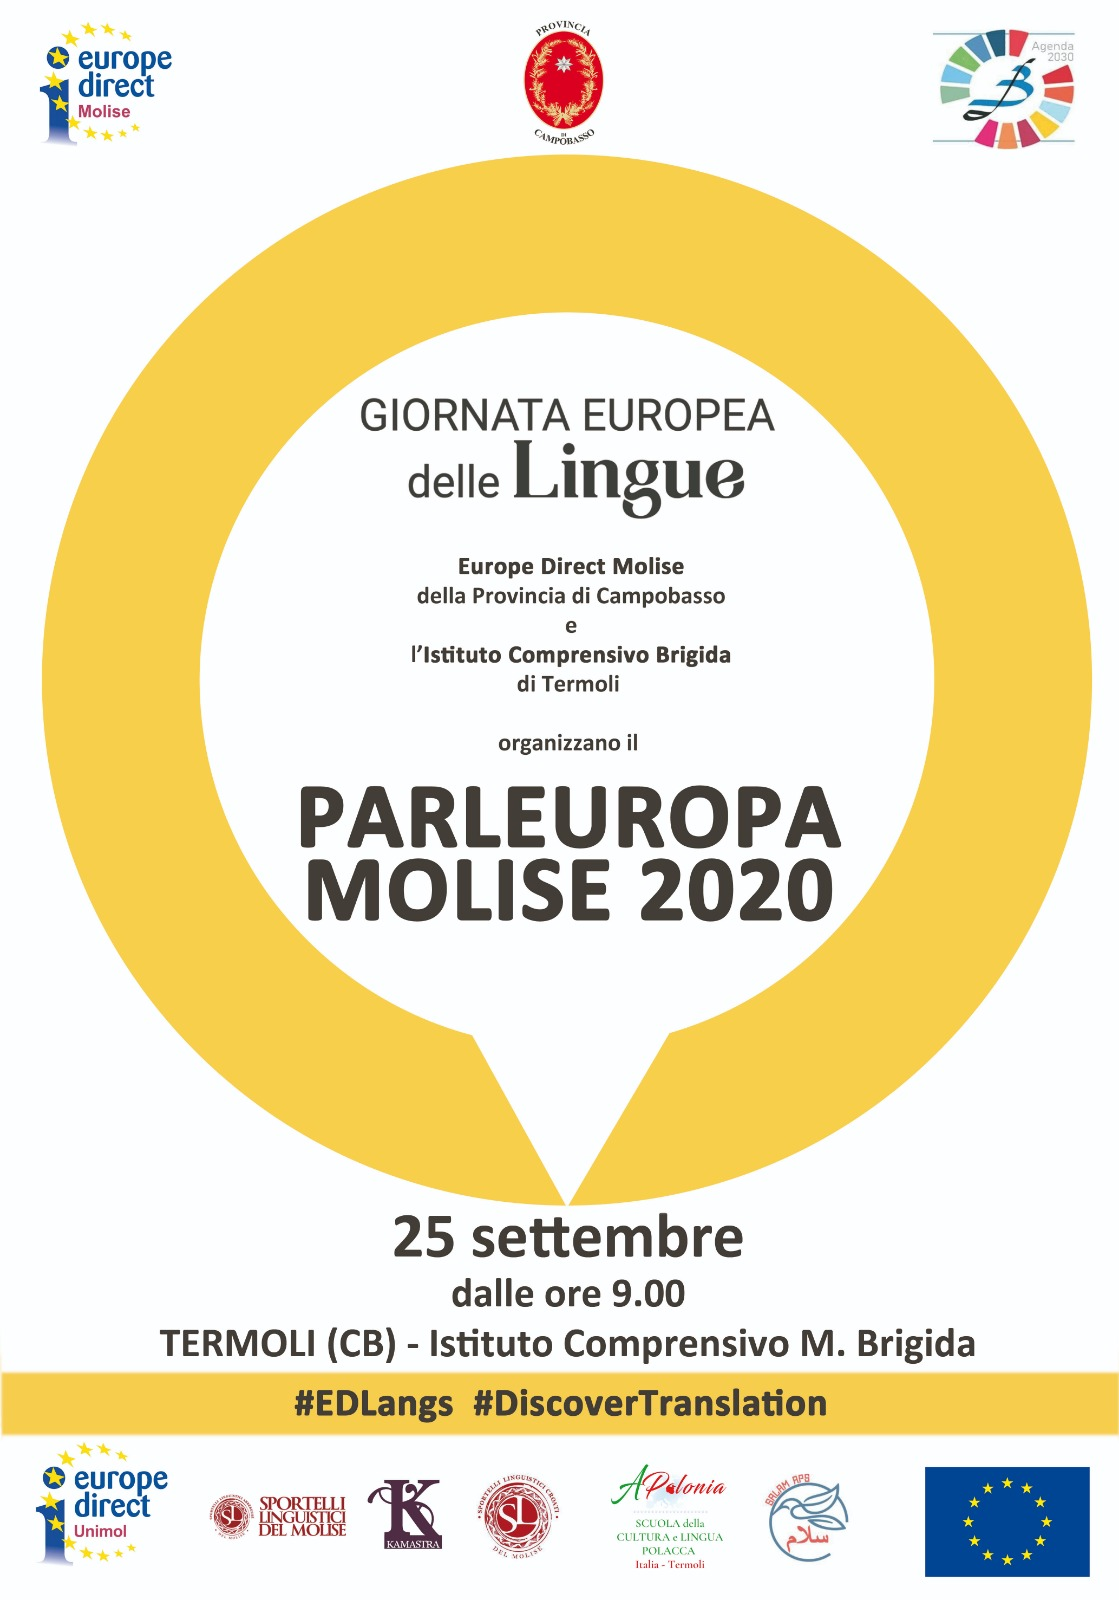 Parleuropa Molise 2020